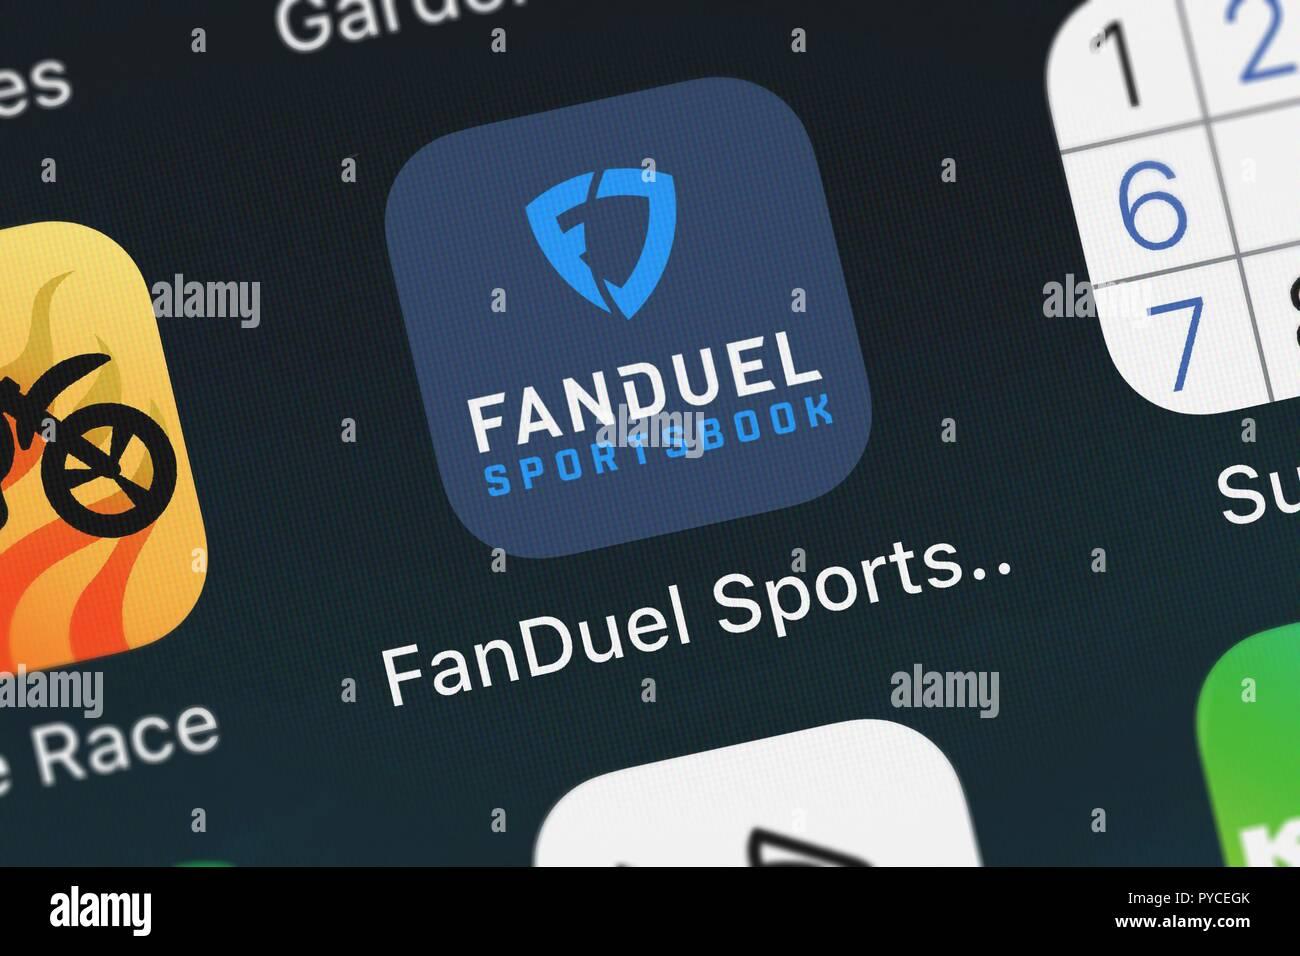 Londres, Royaume-Uni - 26 octobre 2018: Gros plan d'FanDuel Inc., FanDuel app populaires Sportsbook. Banque D'Images